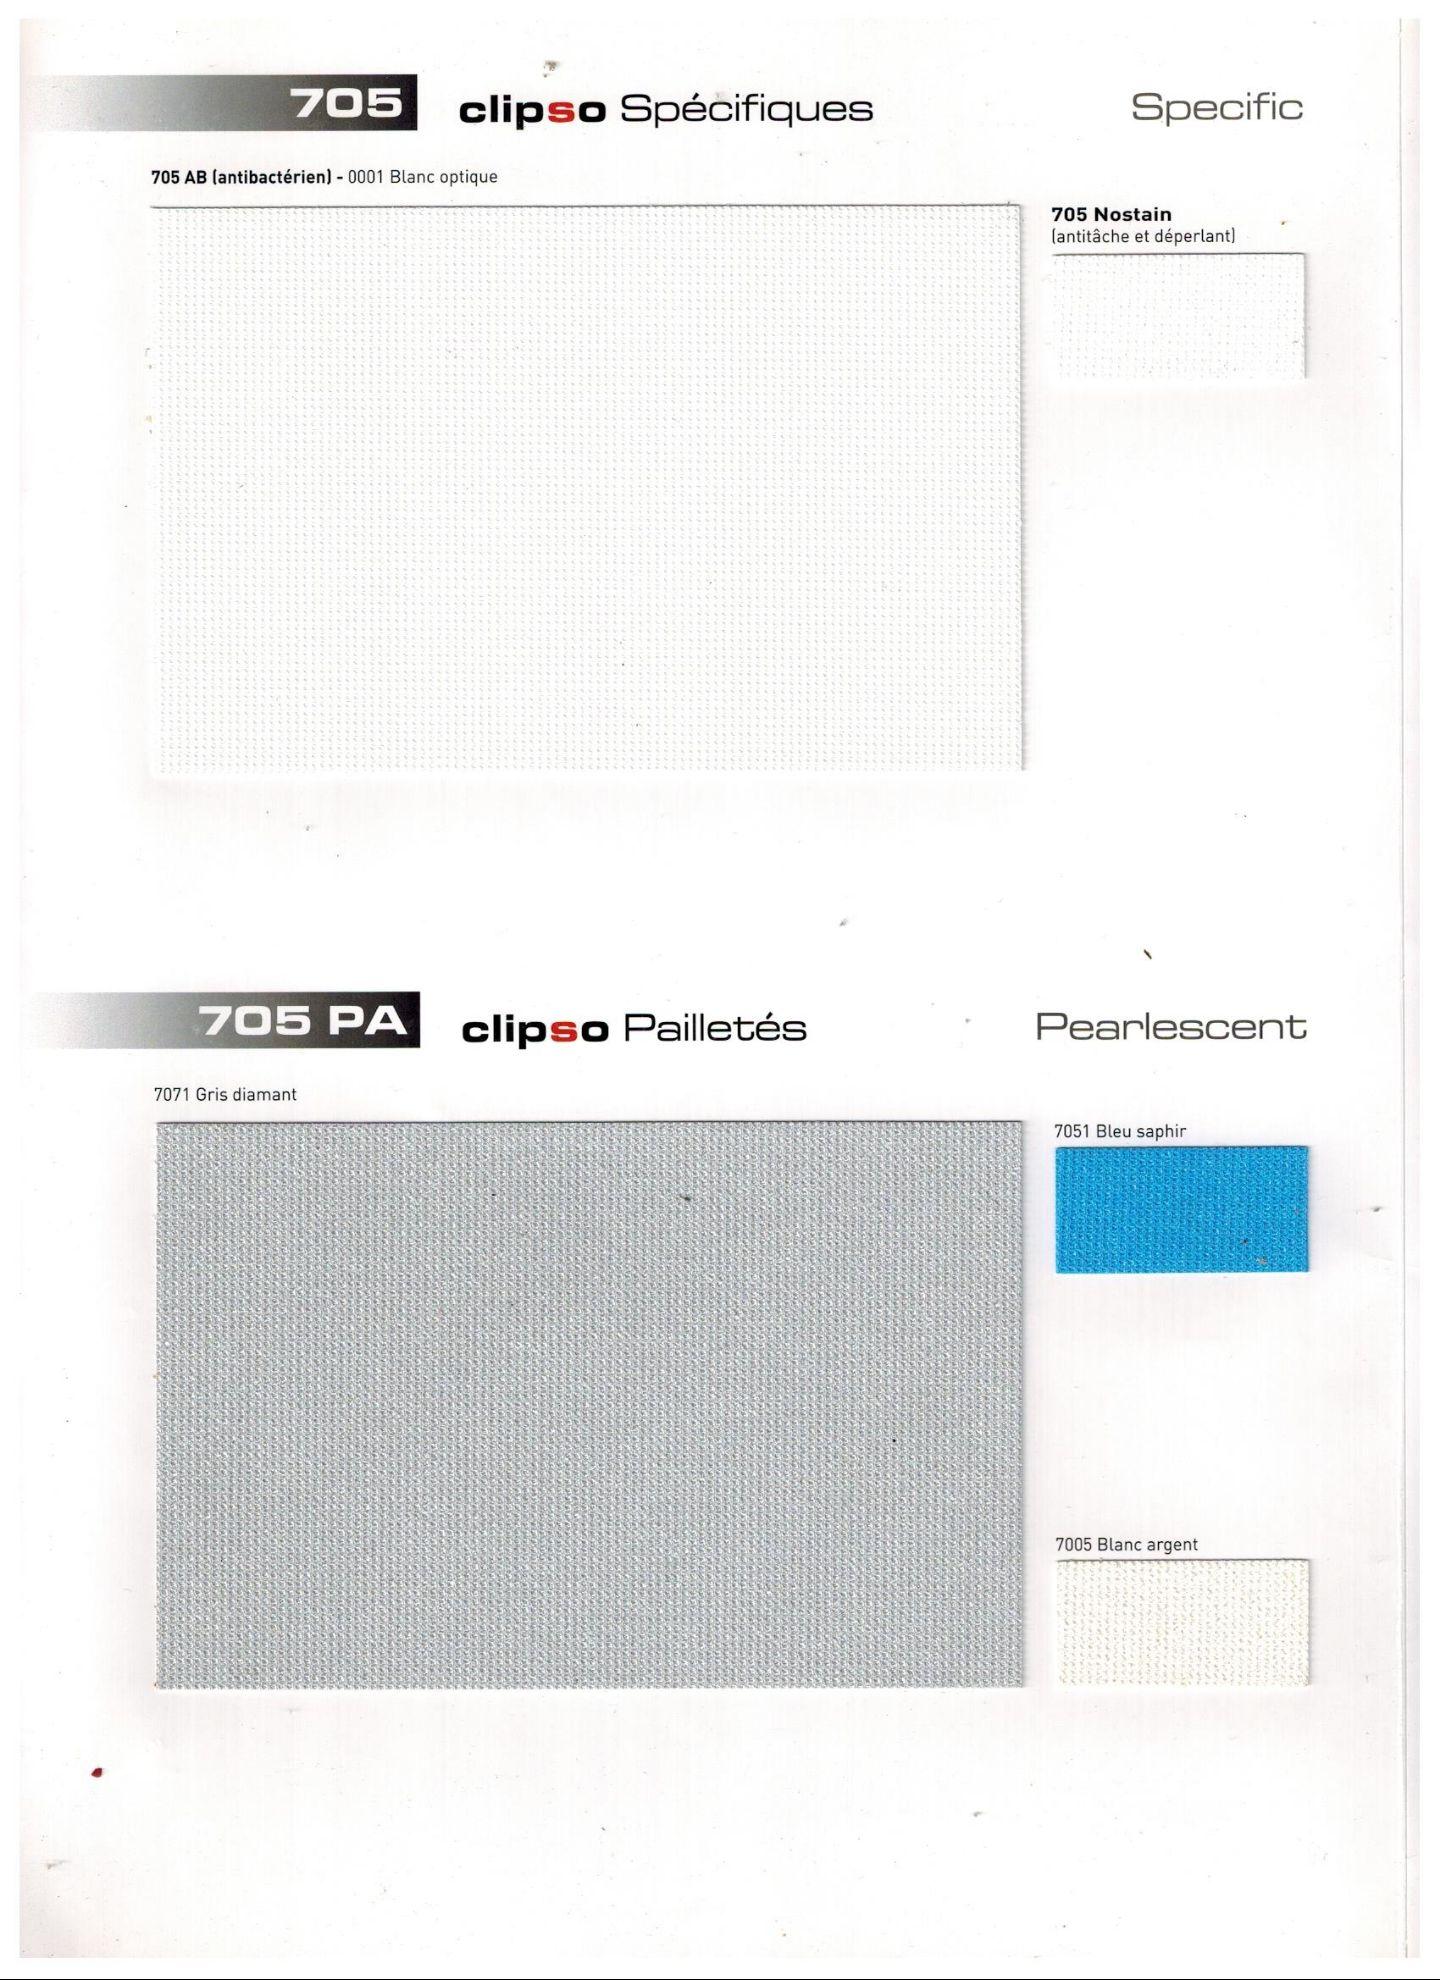 Перламутровые тканевые натяжные потолки Клипсо каталог антибактериальных полотен